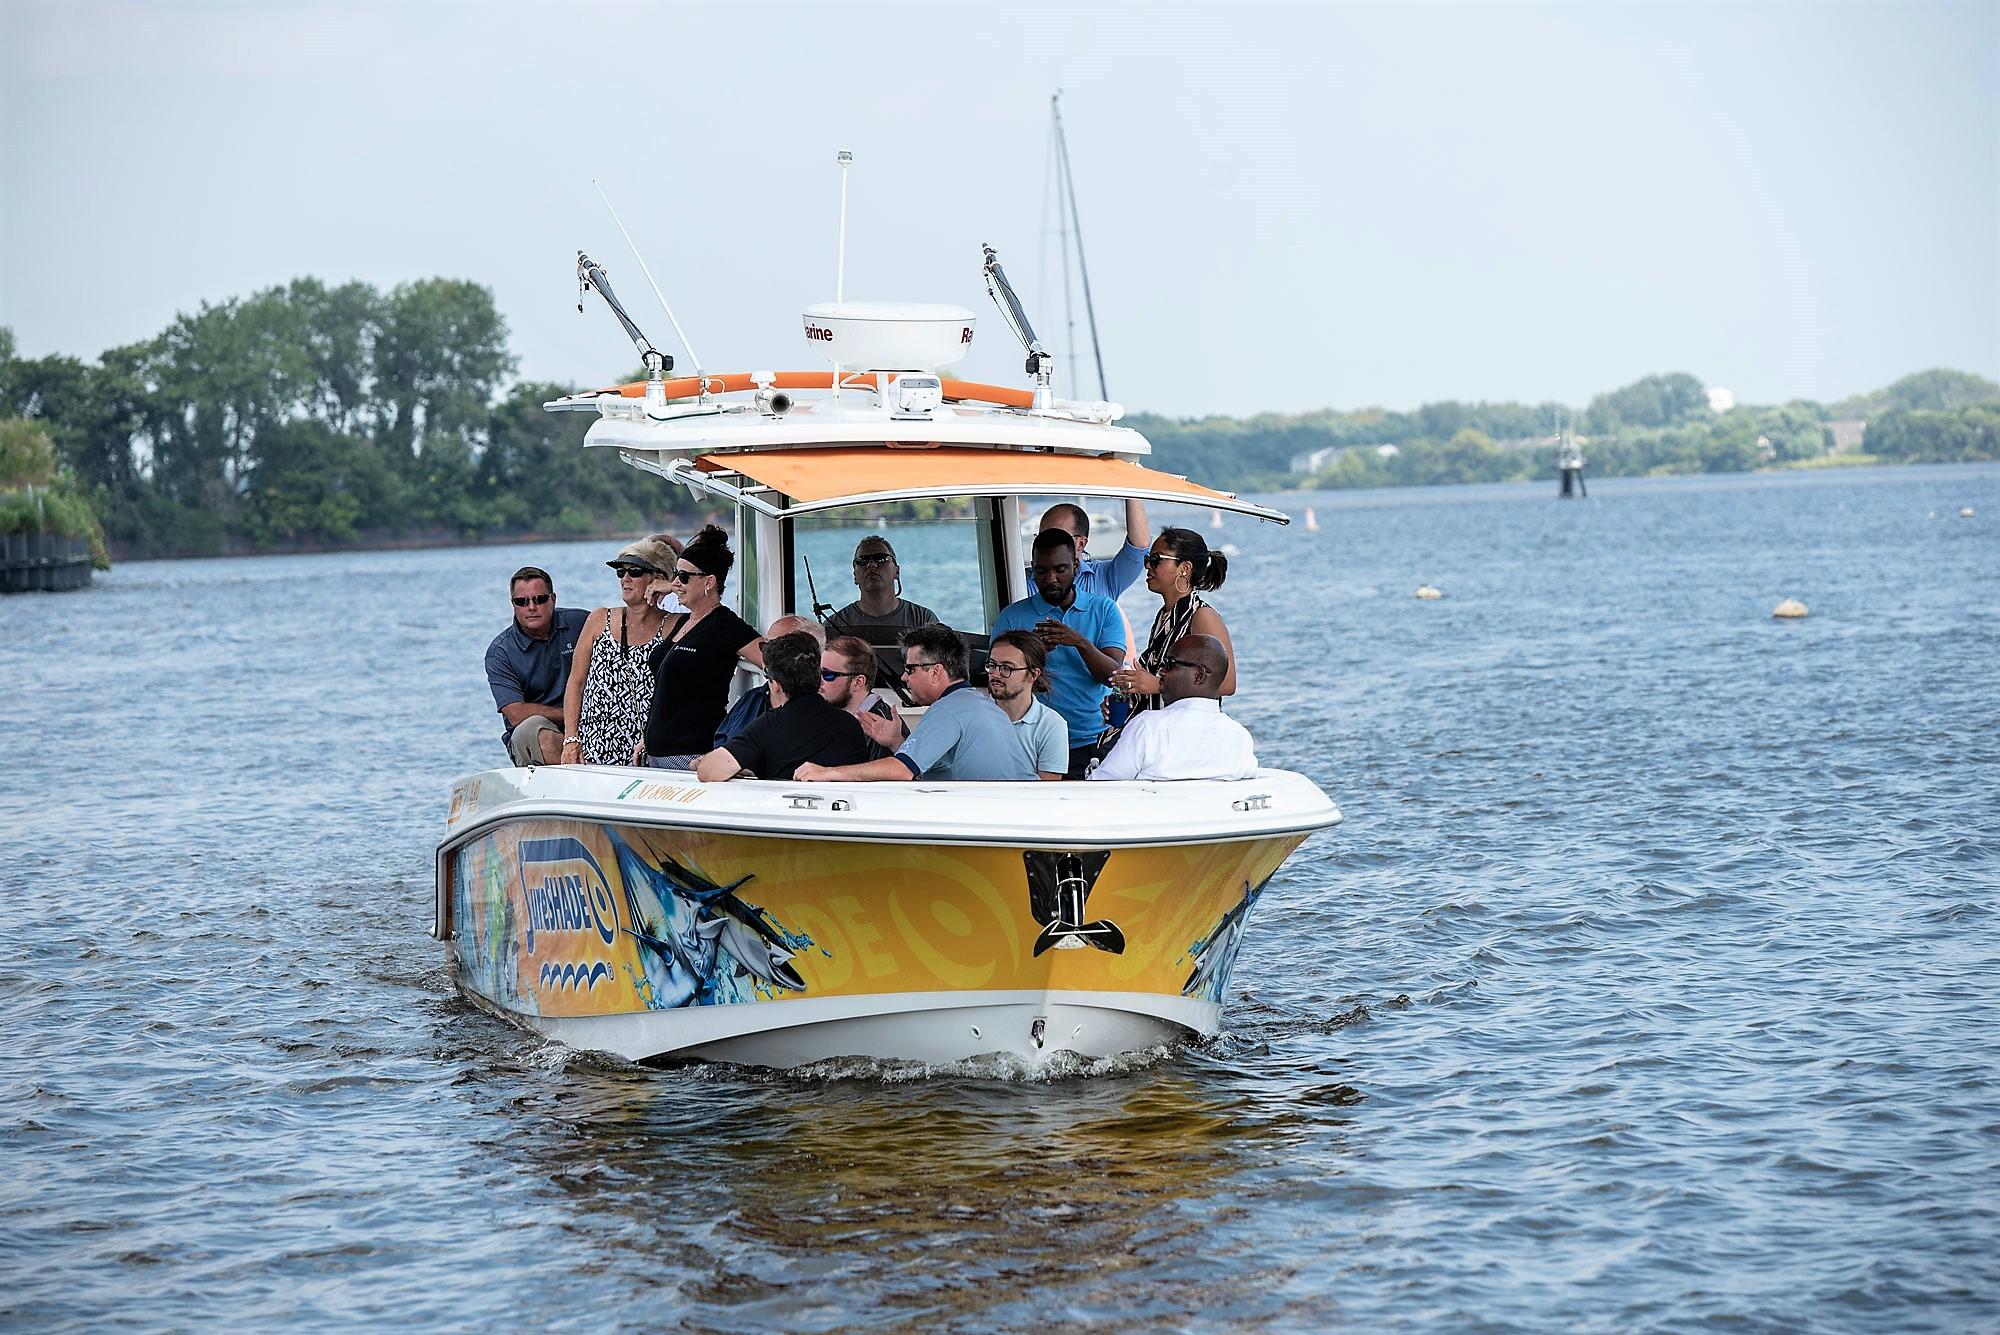 delaware river boat ride